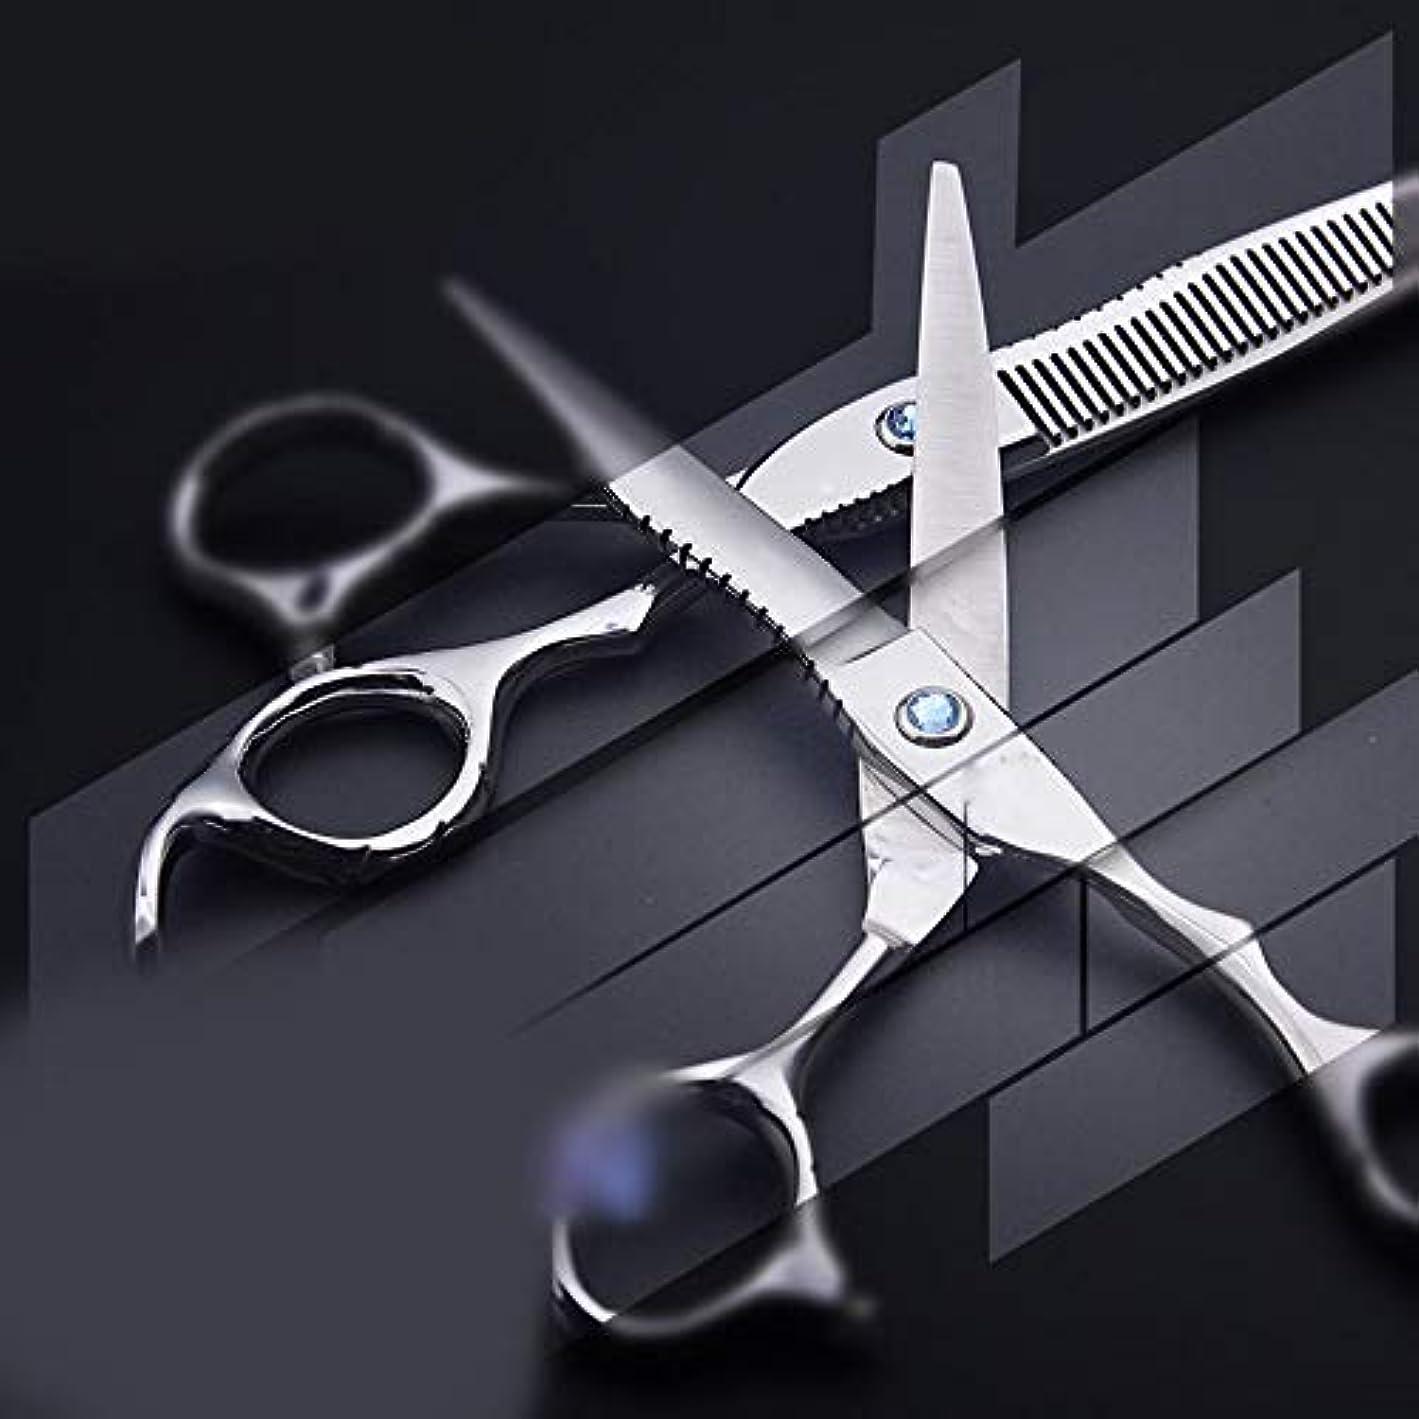 マーカーくつろぐフローGoodsok-jp 6.0インチフラワーハンドルプロフェッショナル理髪はさみ、フラット歯せん断理髪はさみツール (色 : Silver)